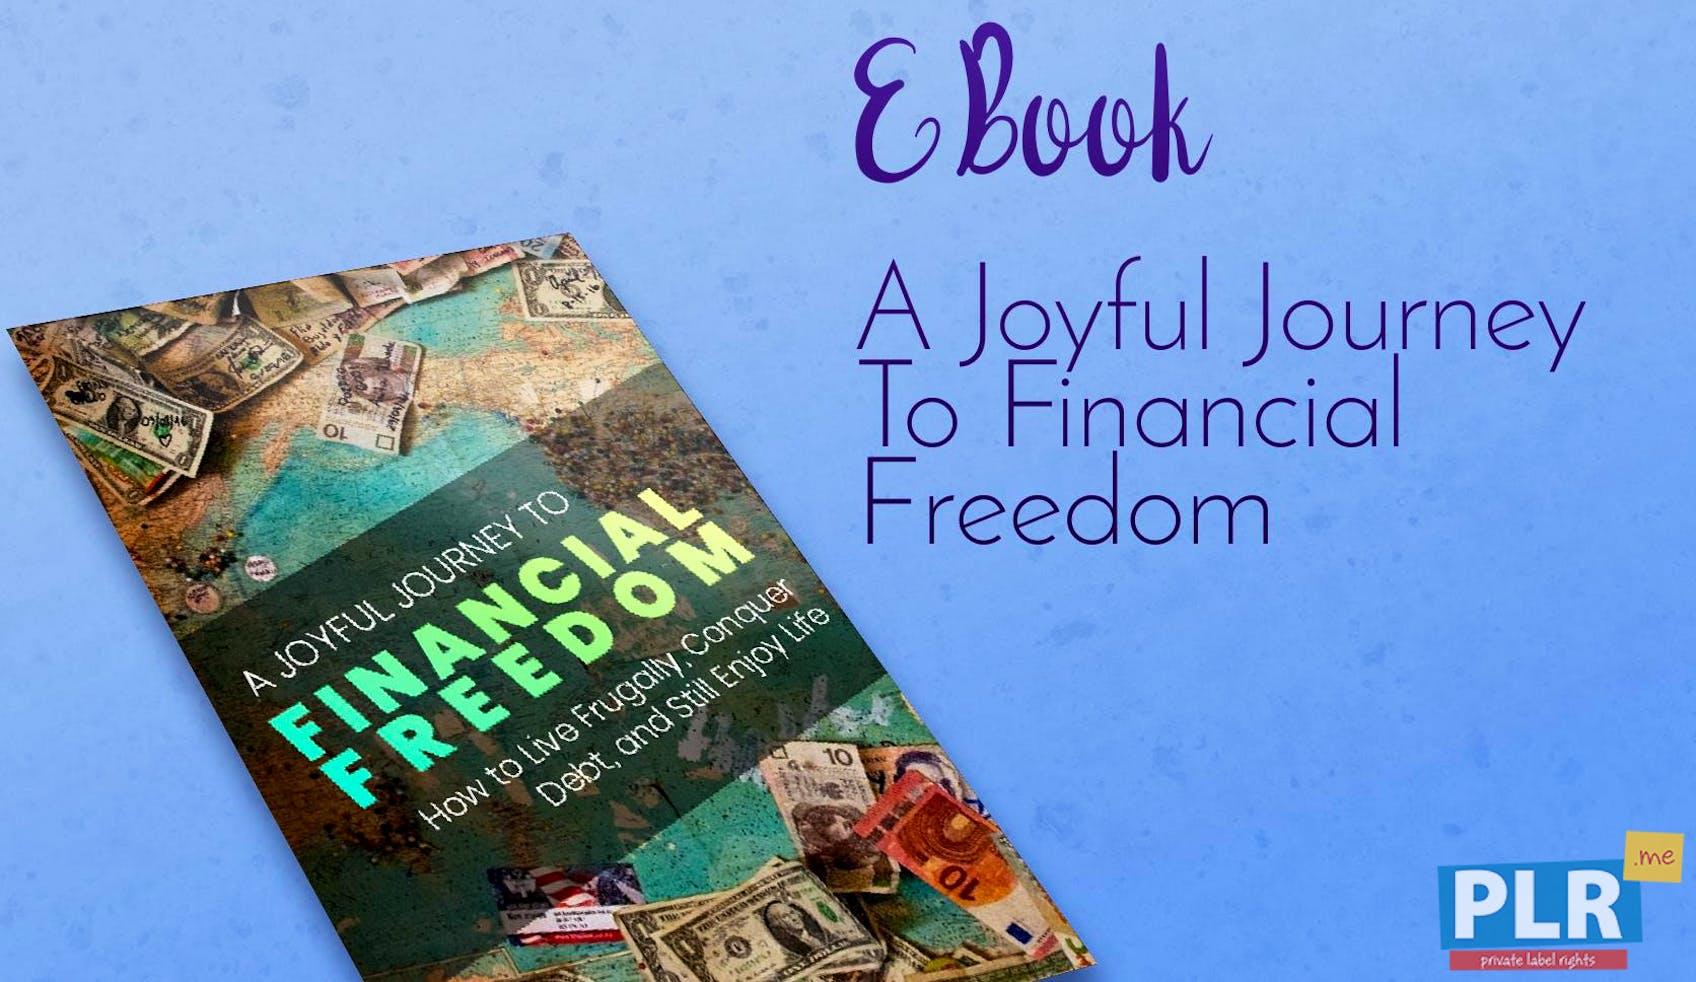 A Joyful Journey To Financial Freedom